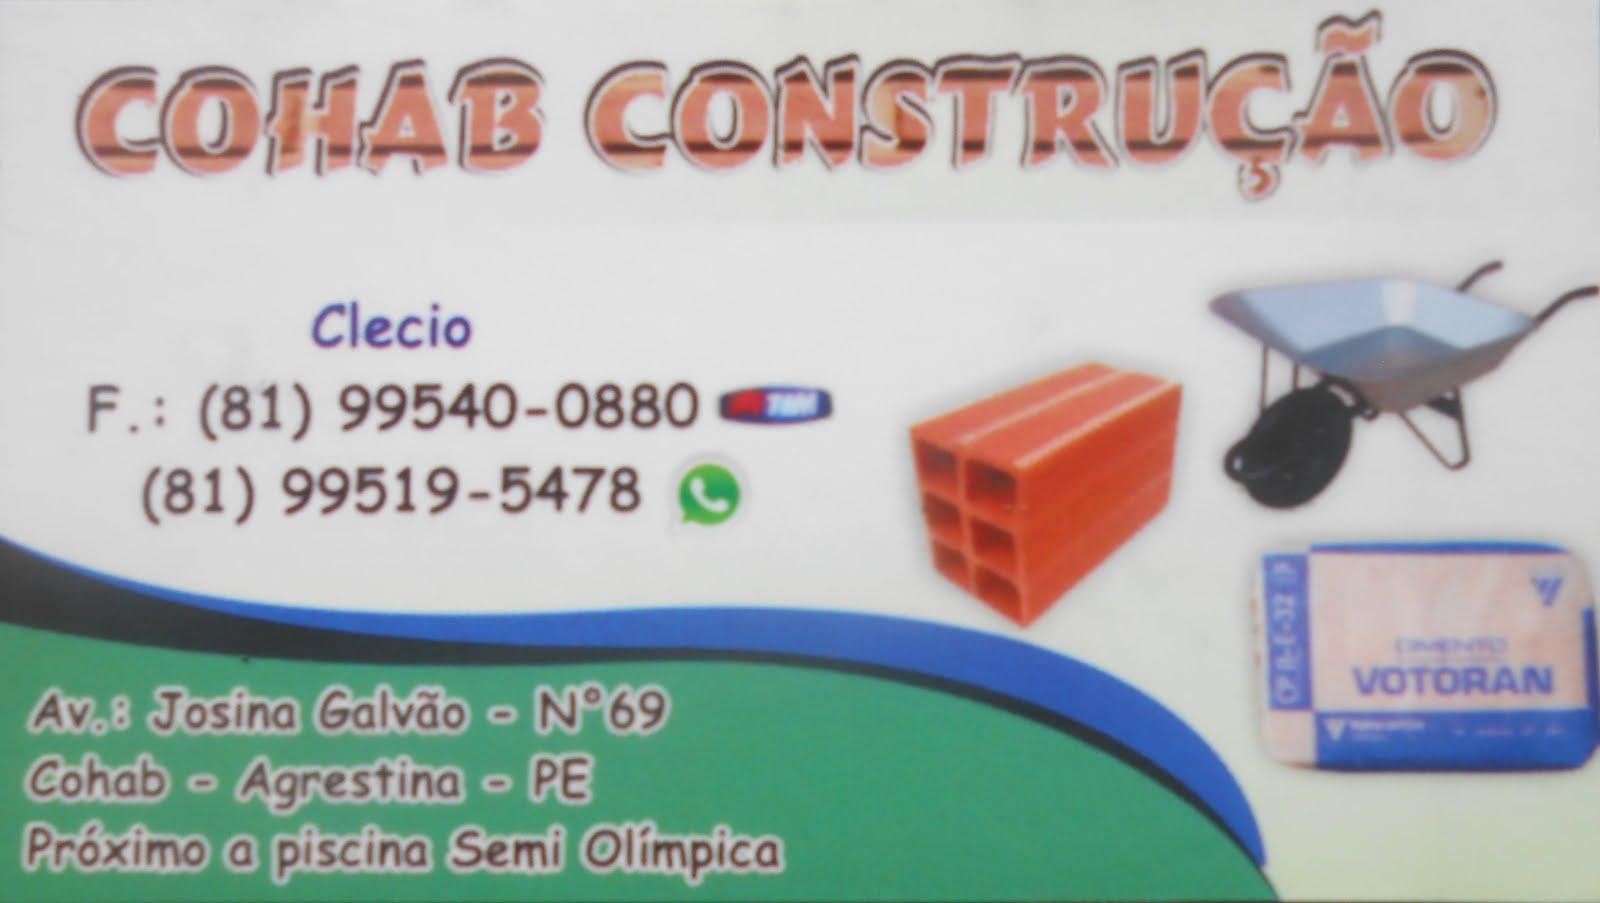 COHAB CONSTRUÇÃO EM AGRESTINA